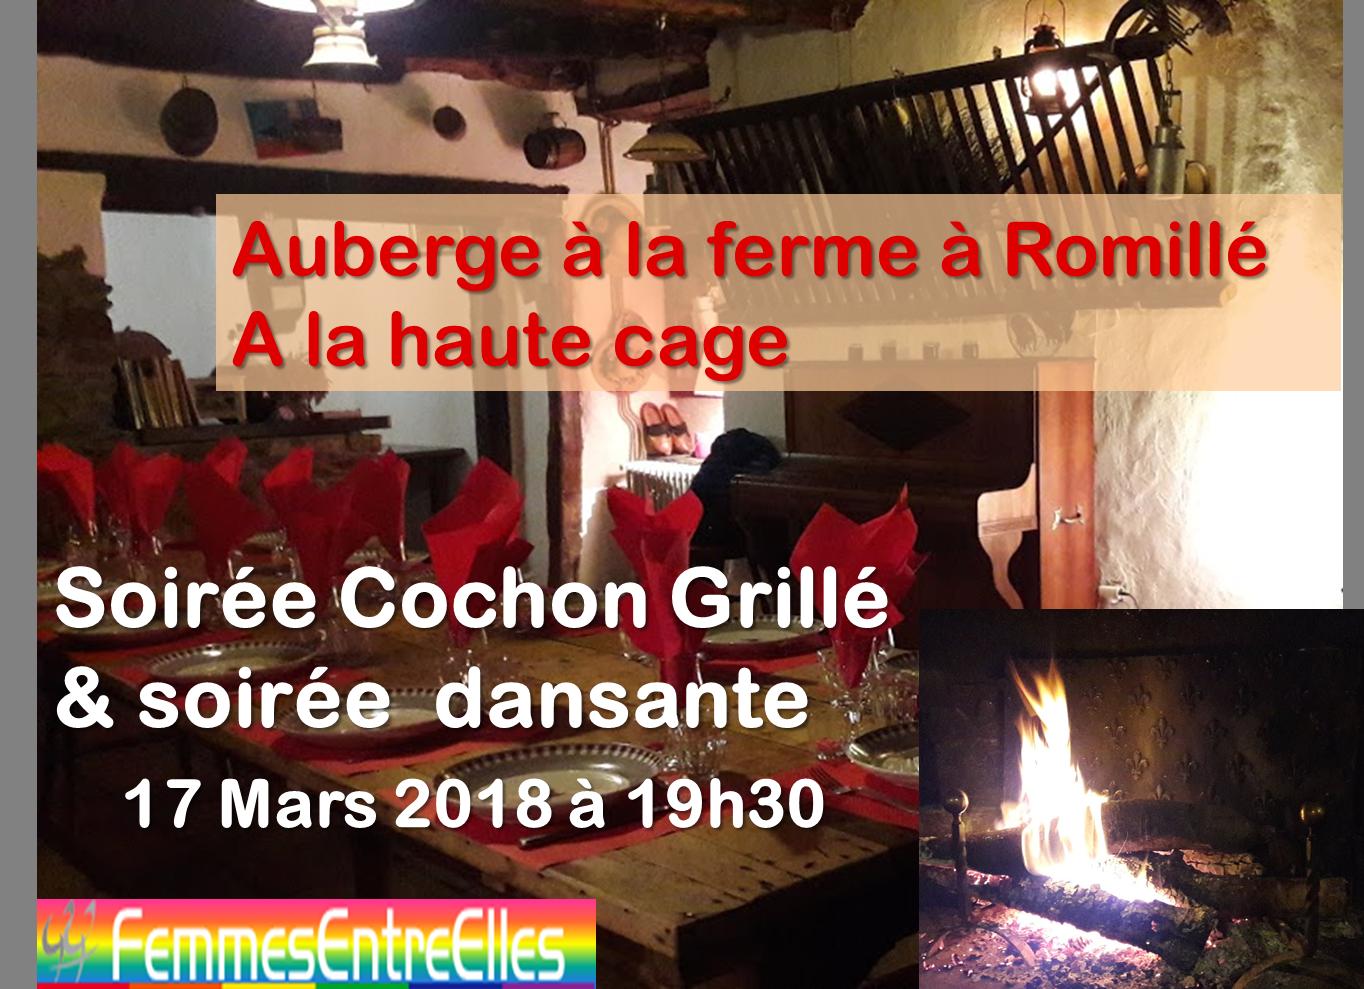 [FEE] 17 Mars 2018, soirée Cochon Grillé & danse à l'auberge à la ferme de Romillé